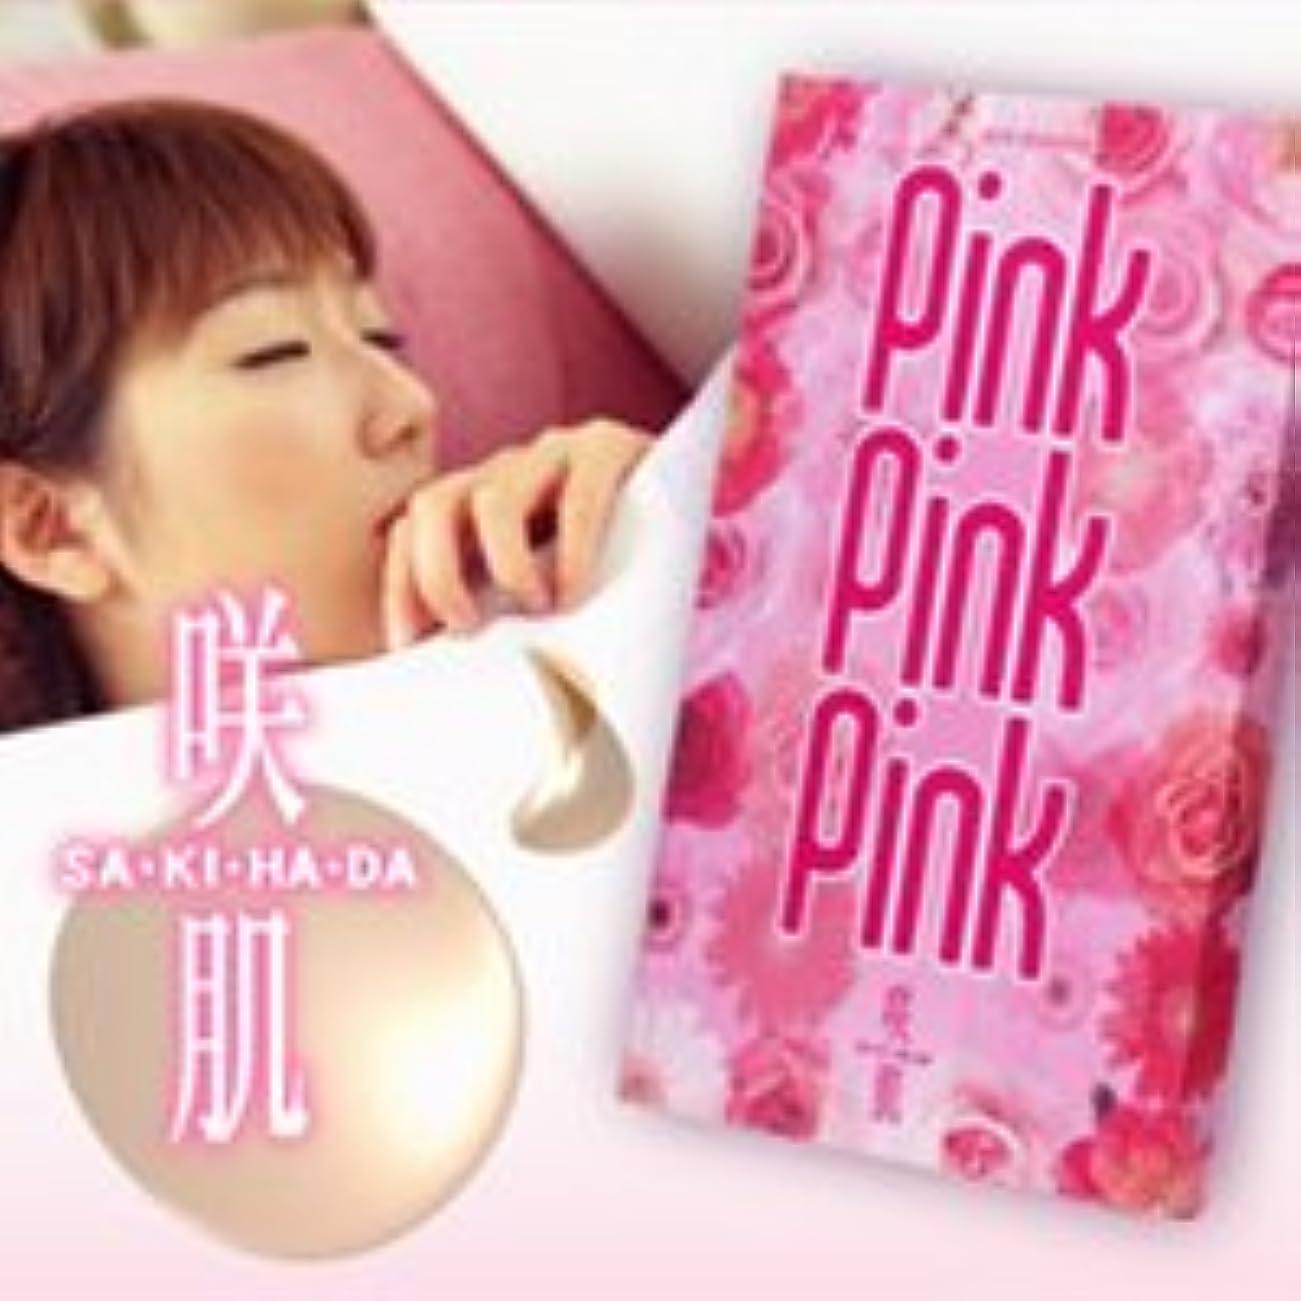 ハイブリッド間違い甘やかす咲肌 PinkPinkPink バストうるるんマスク 5個セット+1個おまけ?